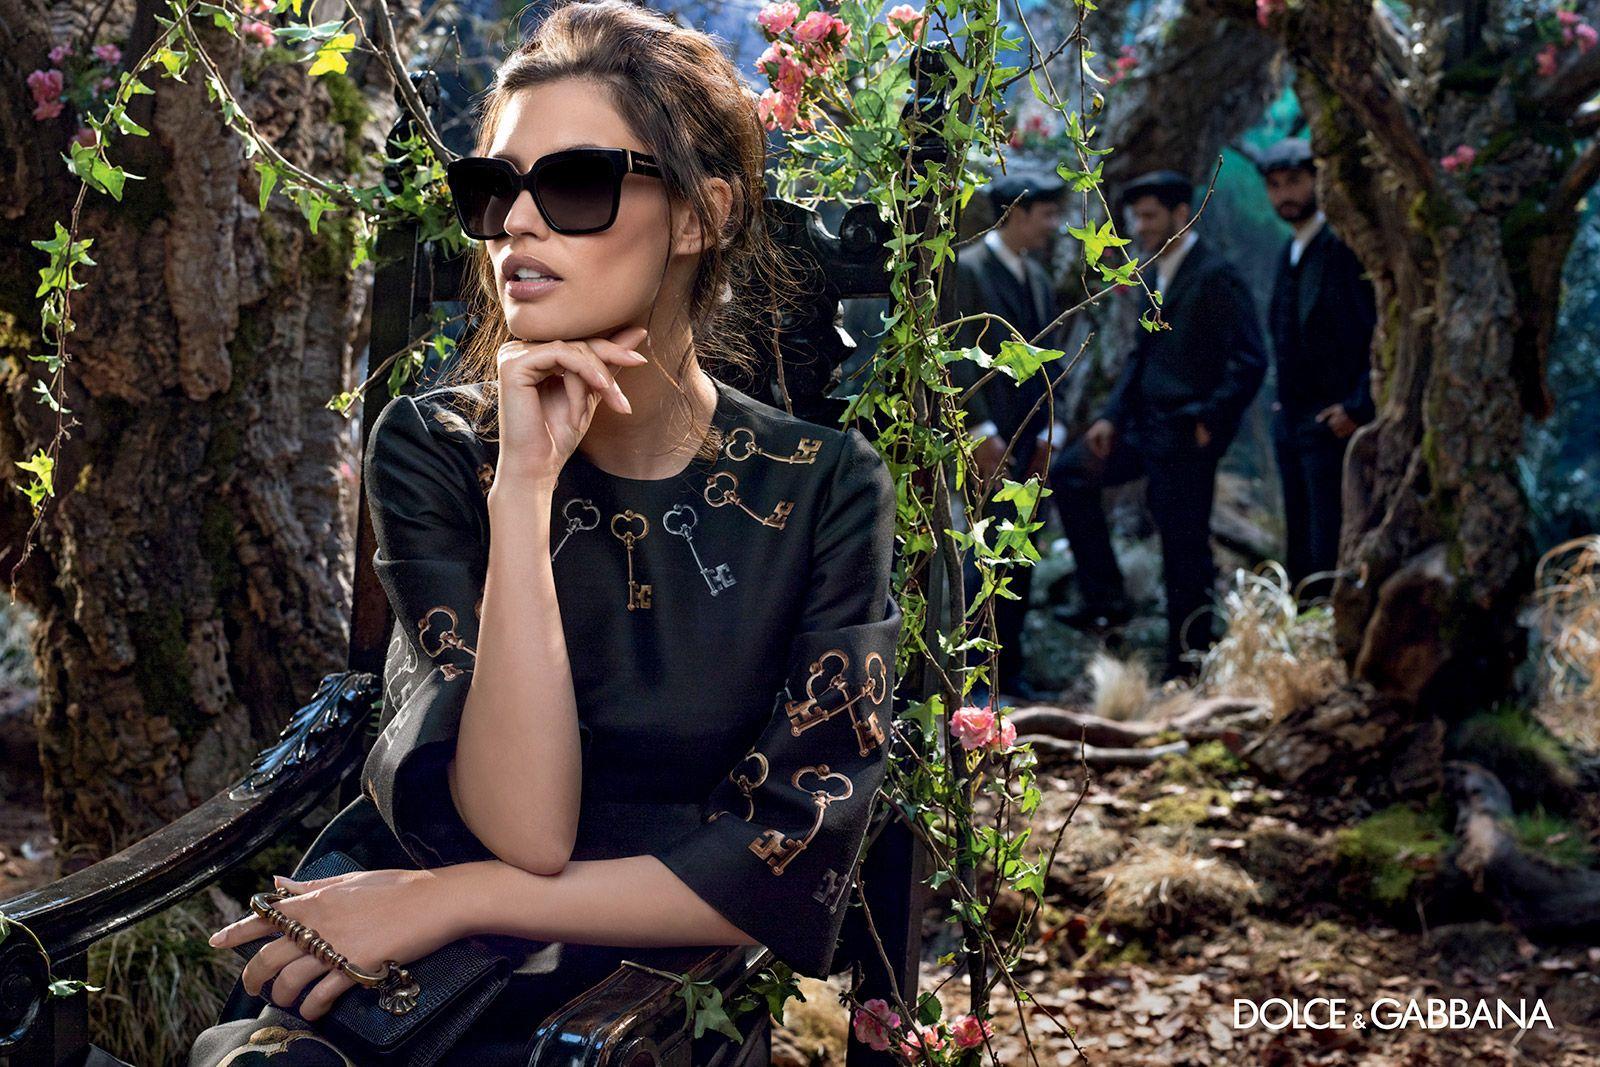 8ed8c1f03255 SUNGLASSES – WOMAN – dolce-gabbana-adv-sunglasses-campaign-winter-2015-08